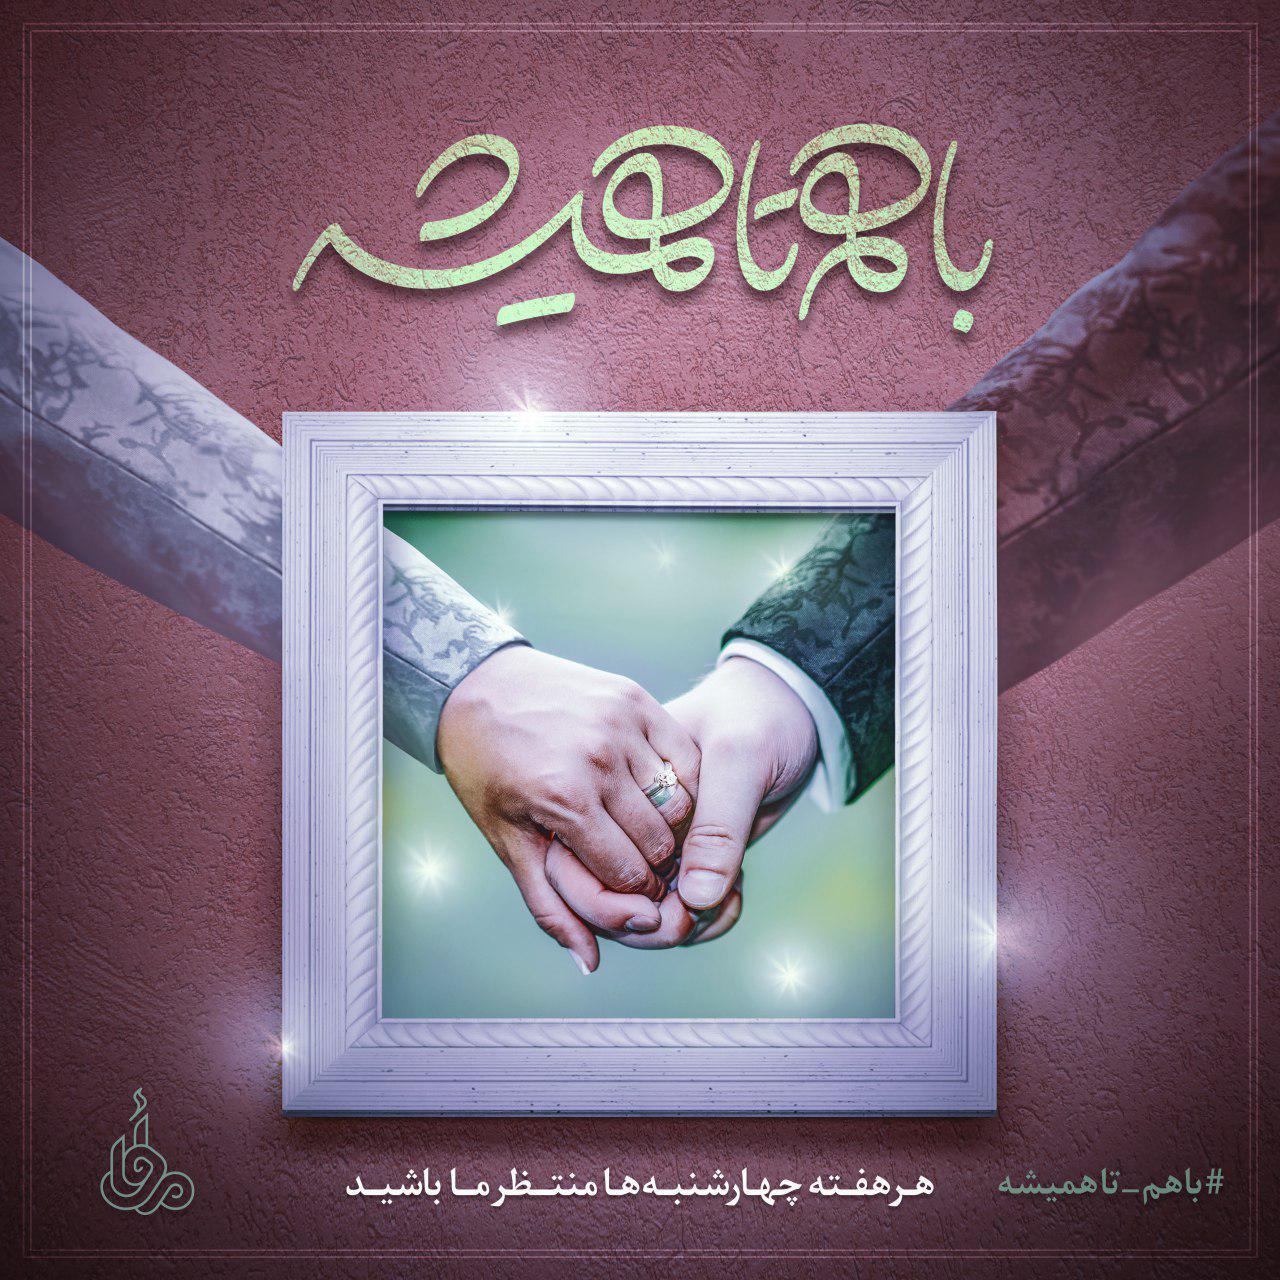 رضا صادقی و علی لهراسبی برای «ماوا» عاشقانه خواندند